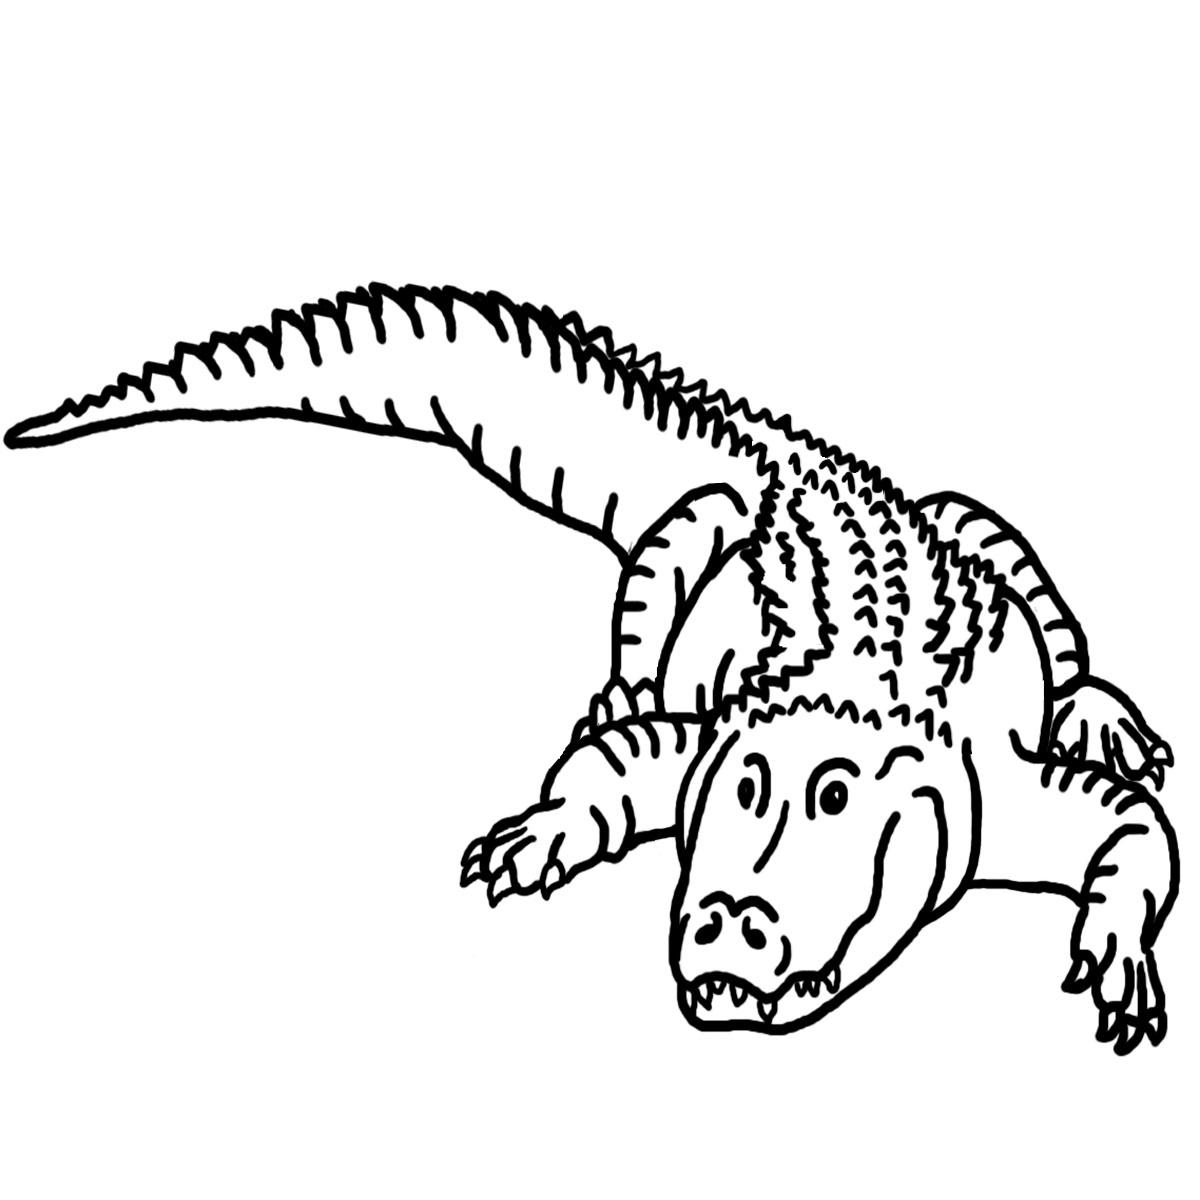 Albino aligator clipart black and white stock Alligator black and white black and white clipart alligator ... black and white stock